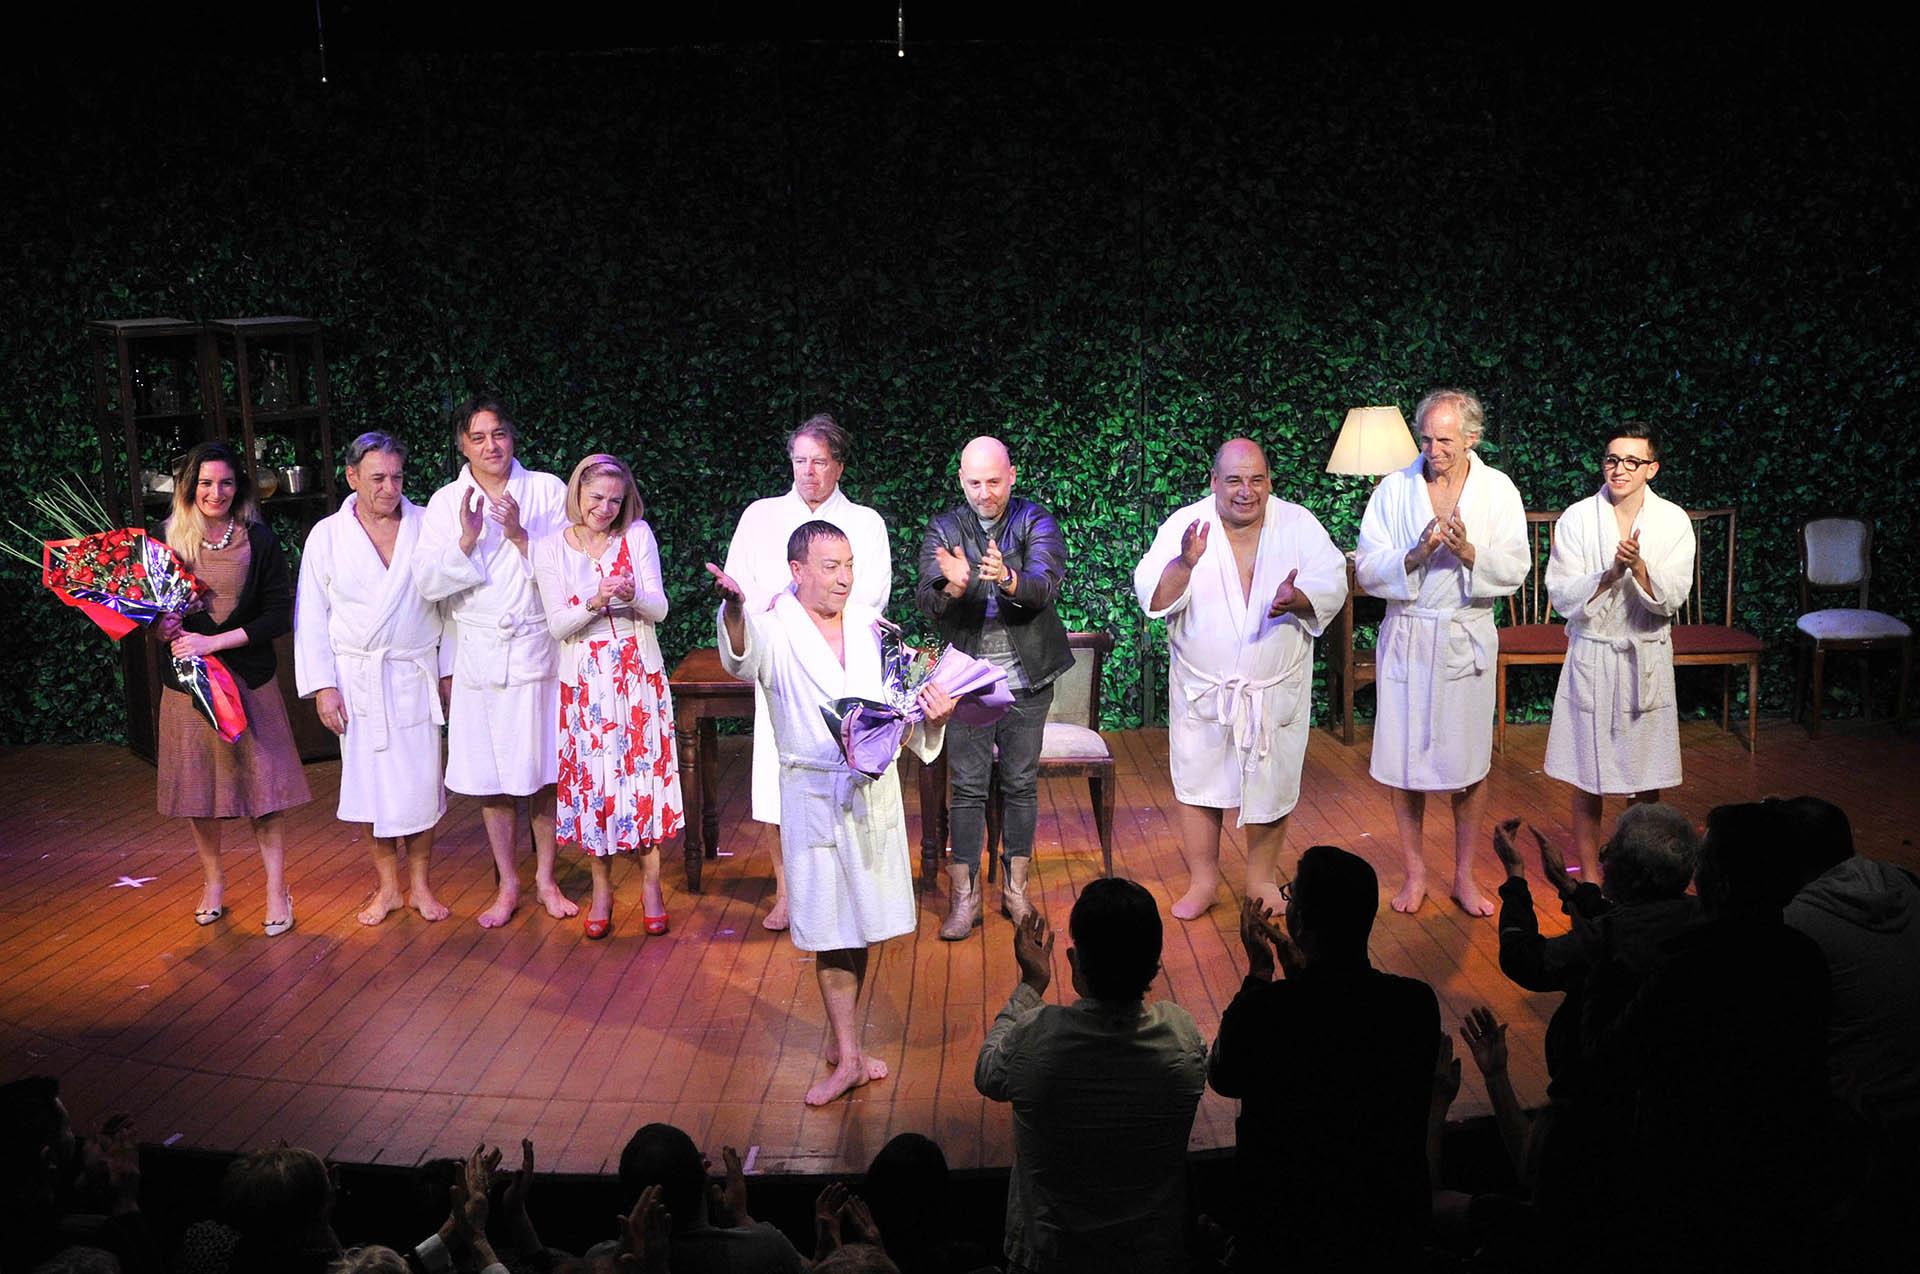 Mario Pasik, Esteban Prol, Roly Serrano, Aldo Pastur, Boy Olmy y Rodrigo Noya lo acompañaron en el escenario y compartieron su emoción